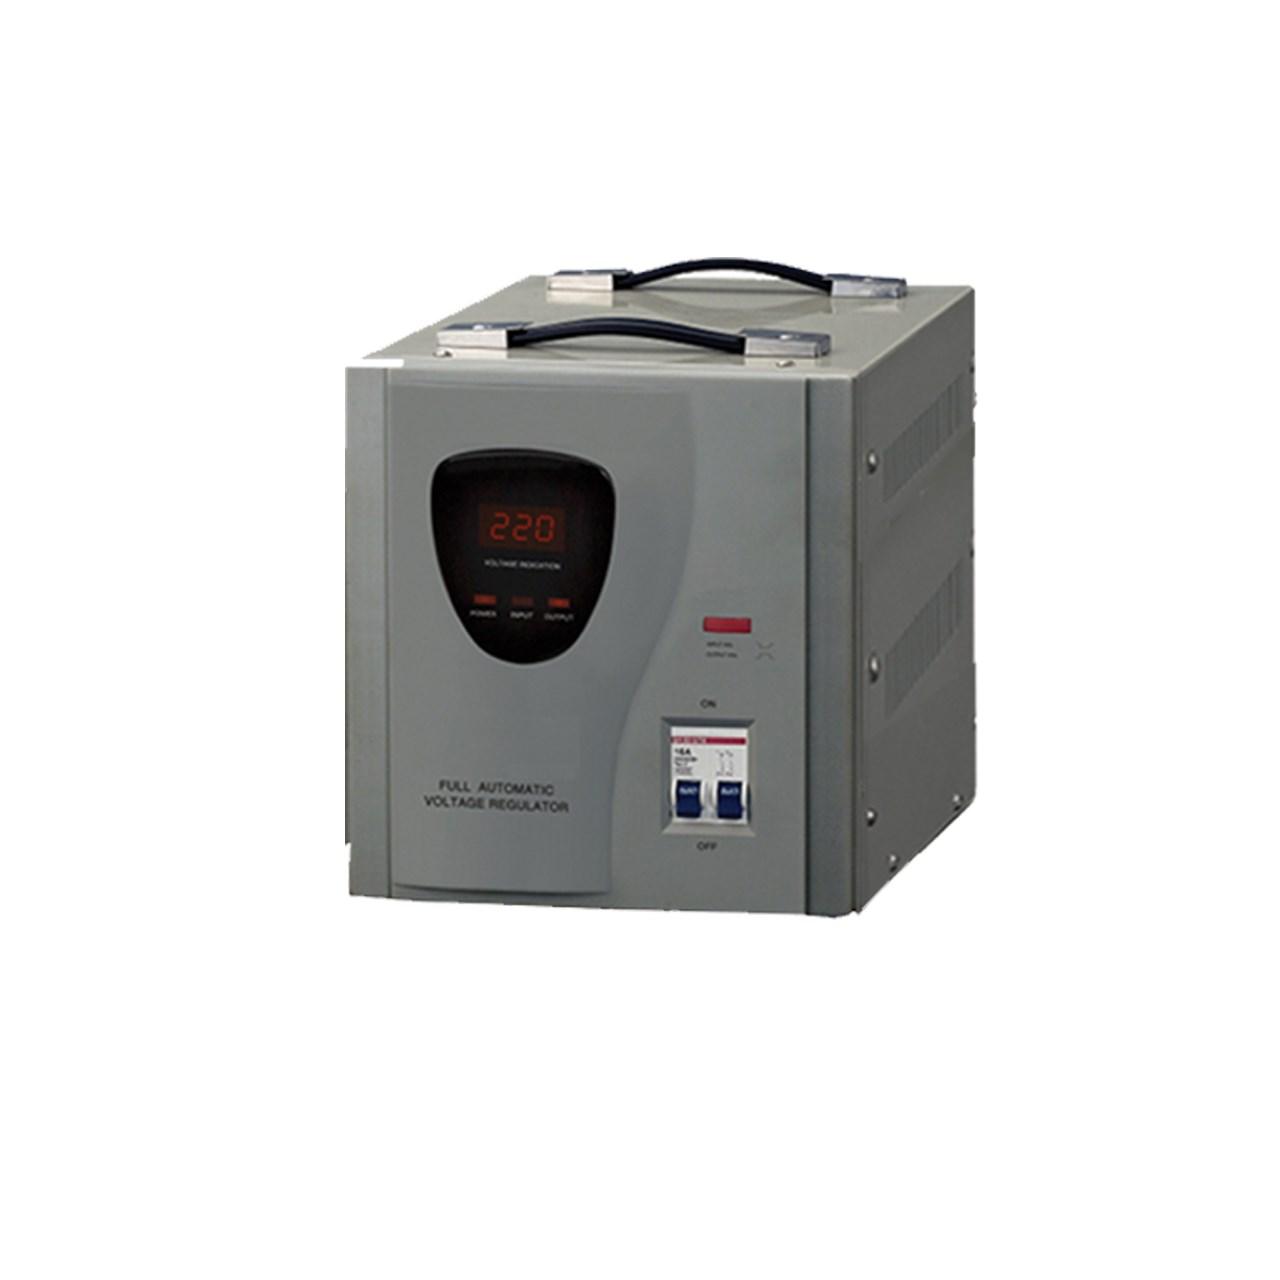 استابیلایزر تکام مدل TS7221- AVR10000   ظرفیت 10000VA